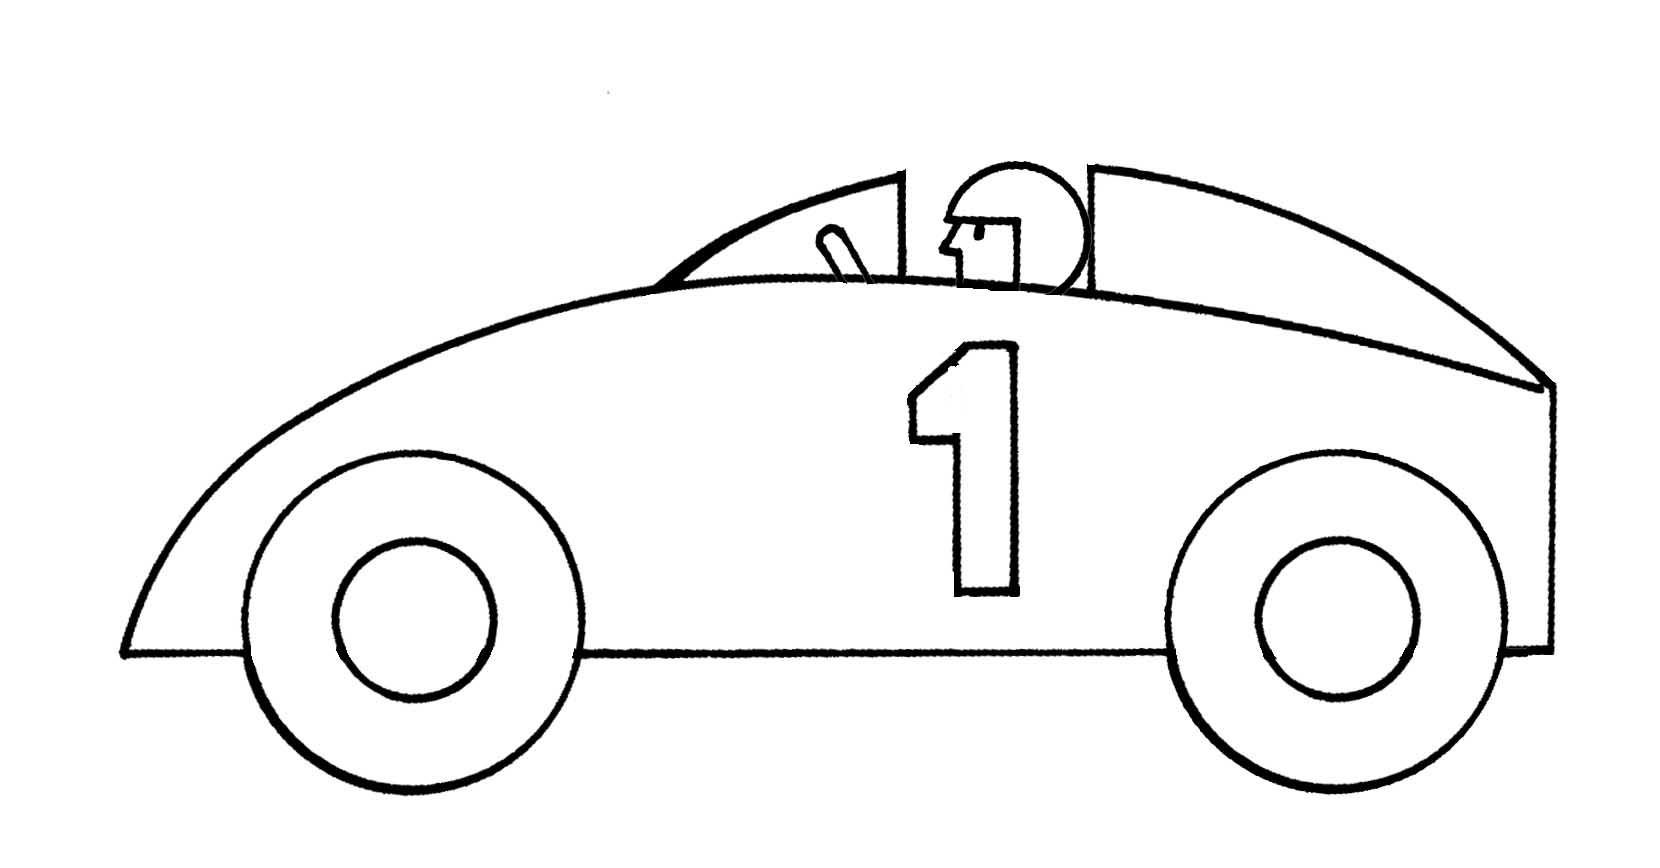 Simple clipart race car Images art Clipartix racing 2